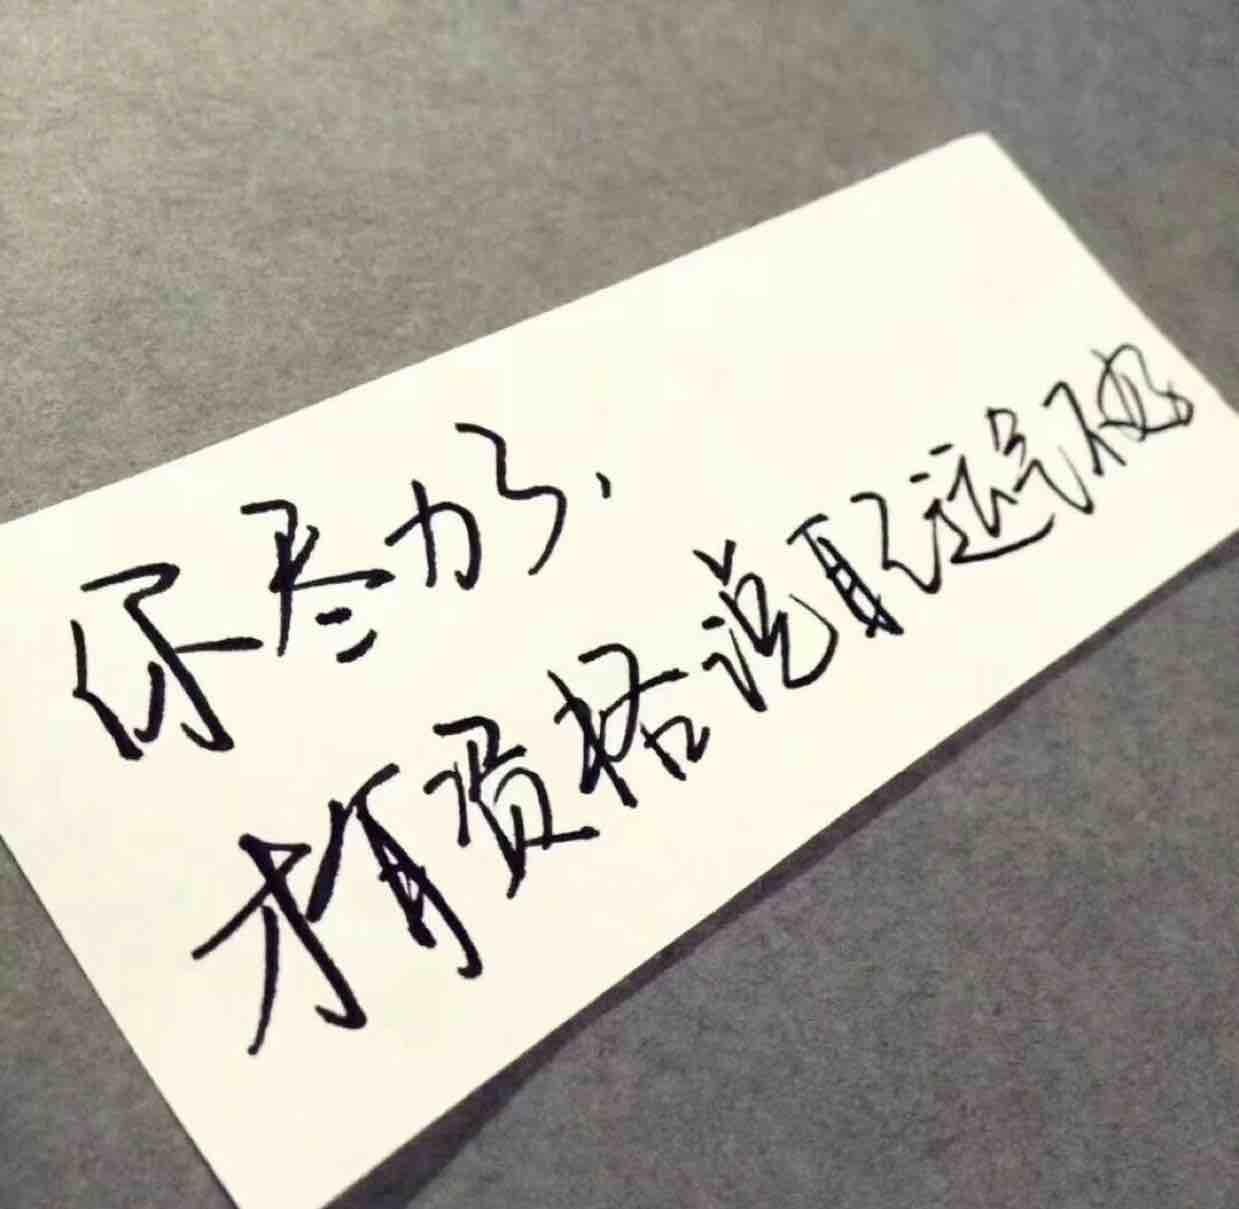 刘俊588